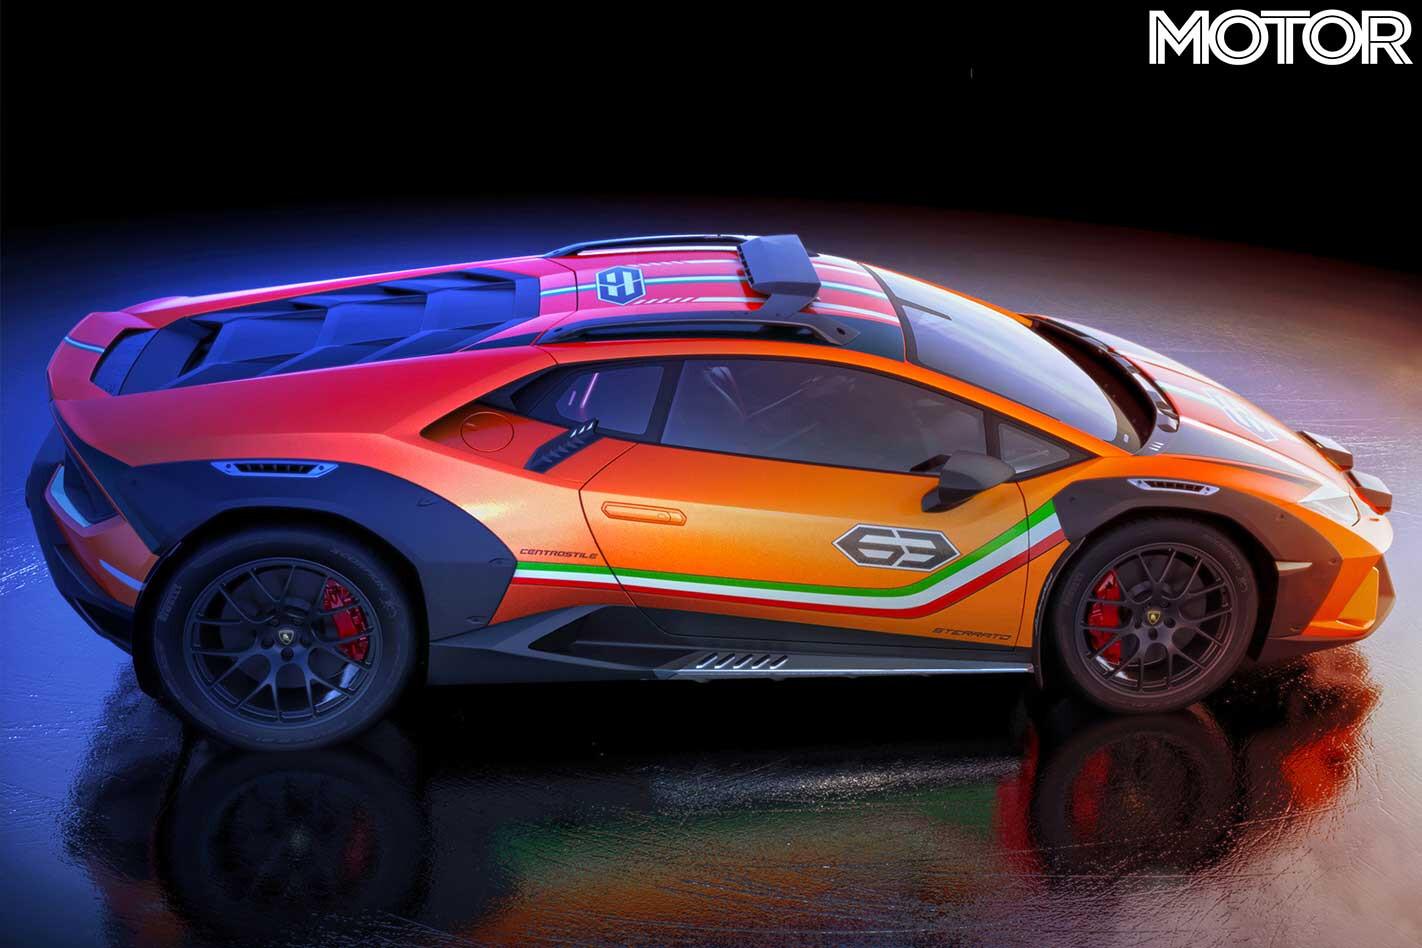 Lamborghini Huracan Sterrato Side Profile Studio Jpg